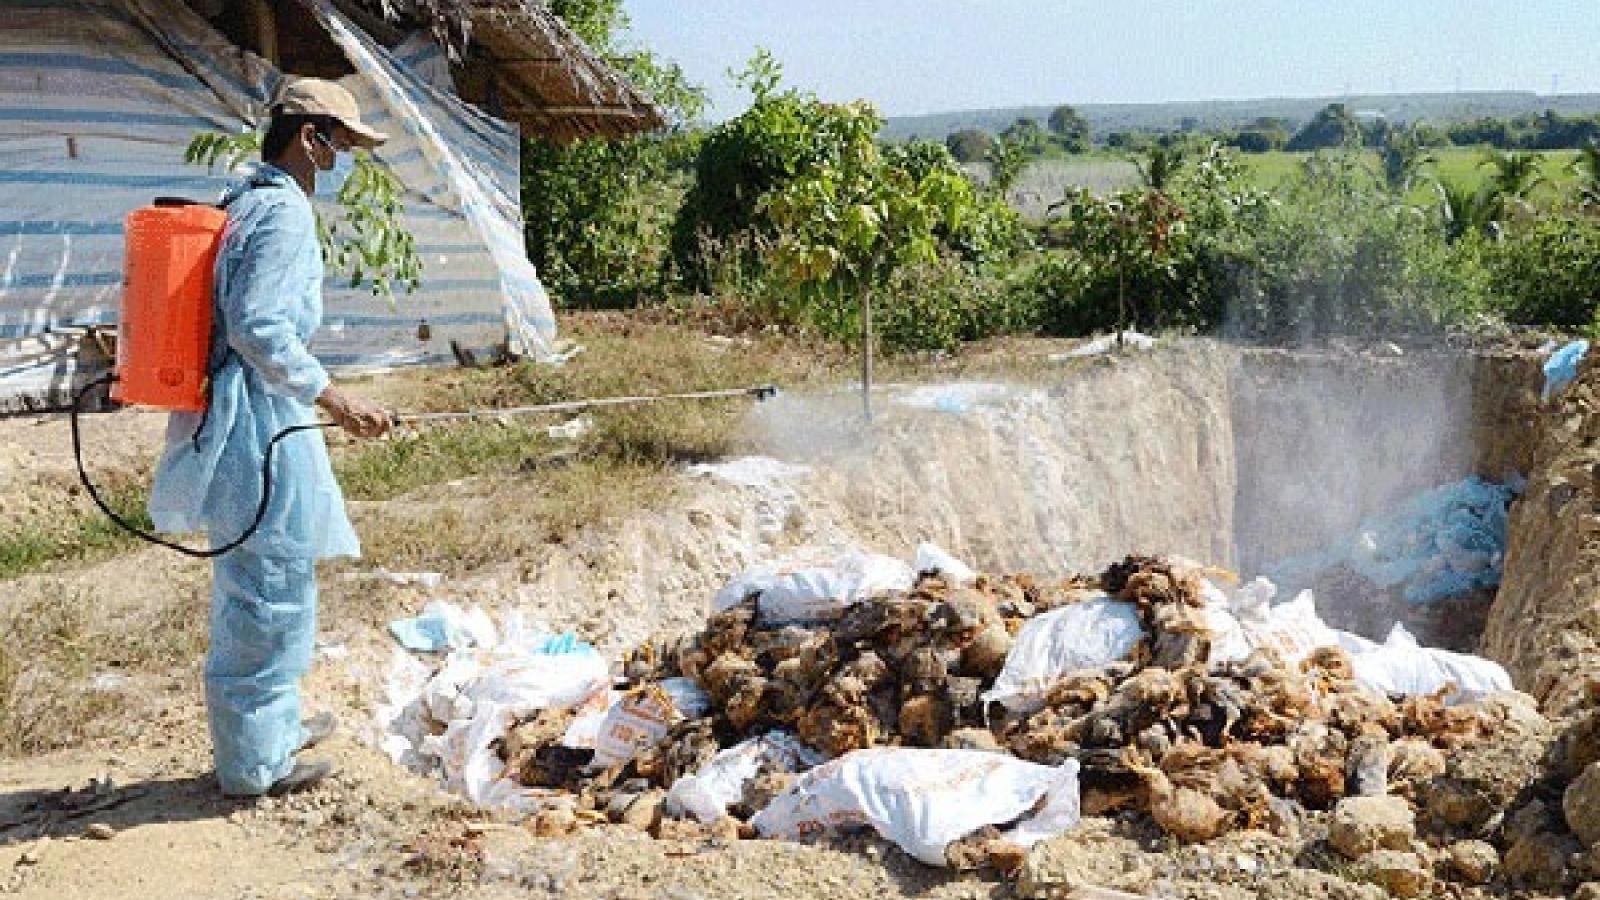 Hanoi culls 4,979 poultry in an effort to stem bird flu outbreak